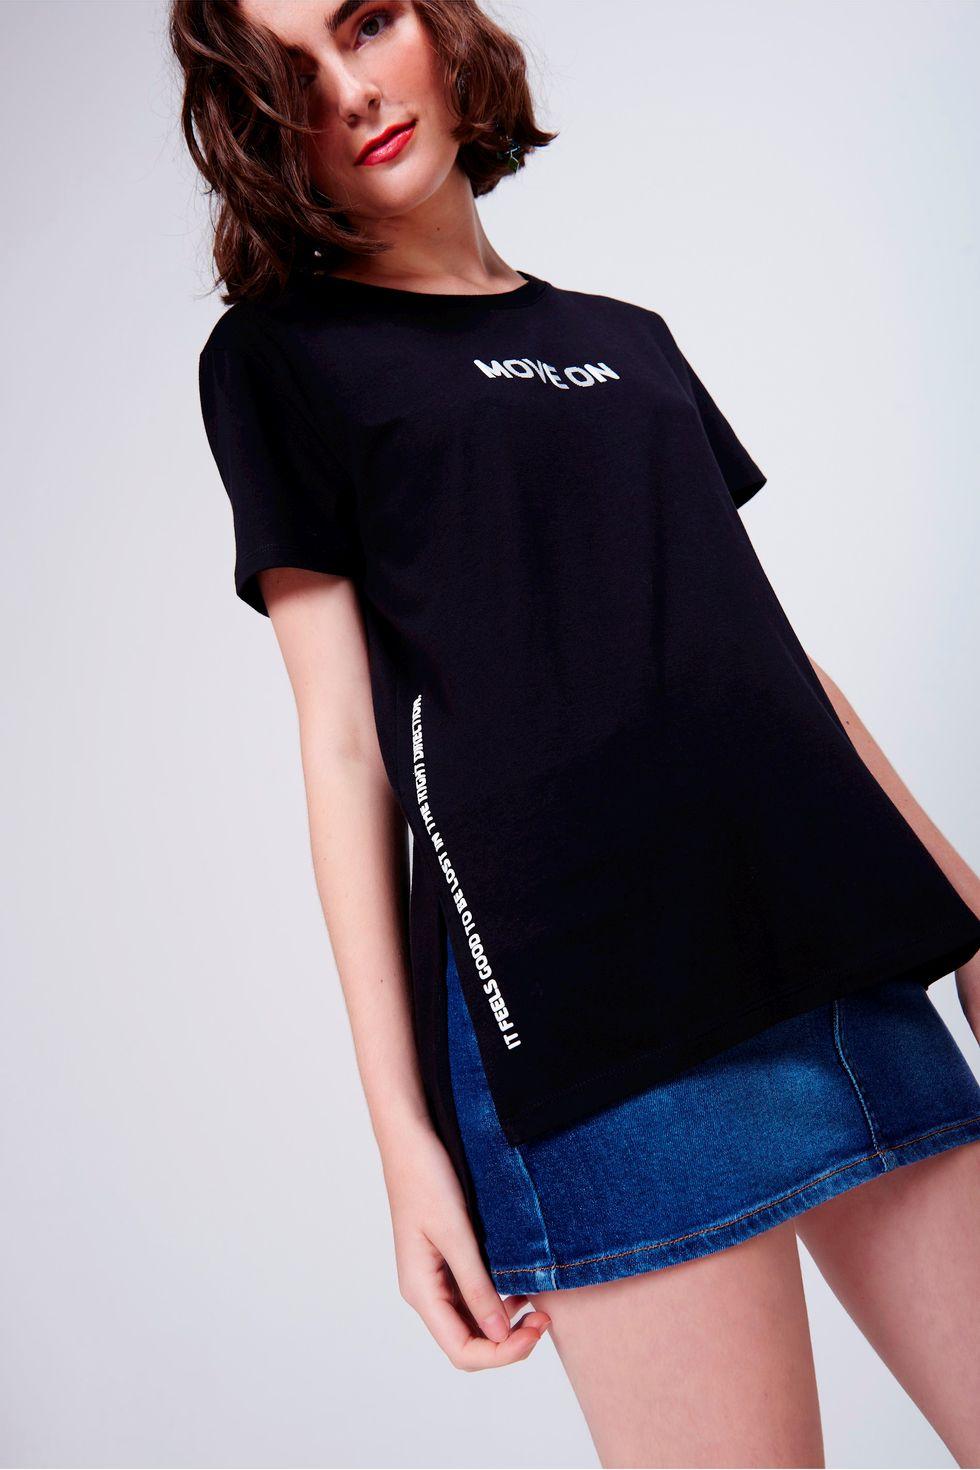 Camiseta-Feminina-Alongada-Tipografia-Frente--